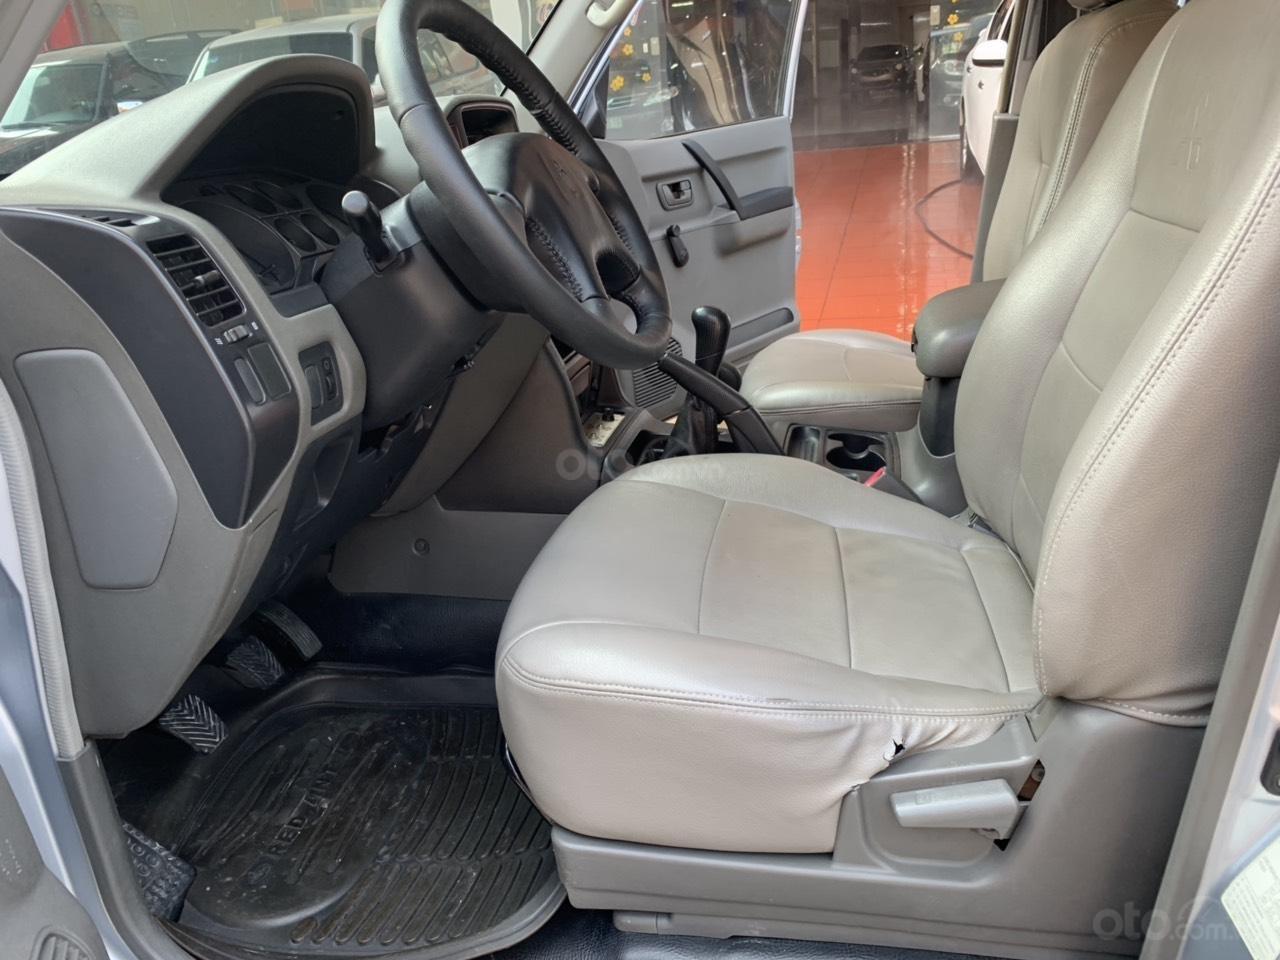 Cần bán xe Mitsubishi Pajero năm sản xuất 2006, màu bạc, nhập khẩu nguyên chiếc (7)